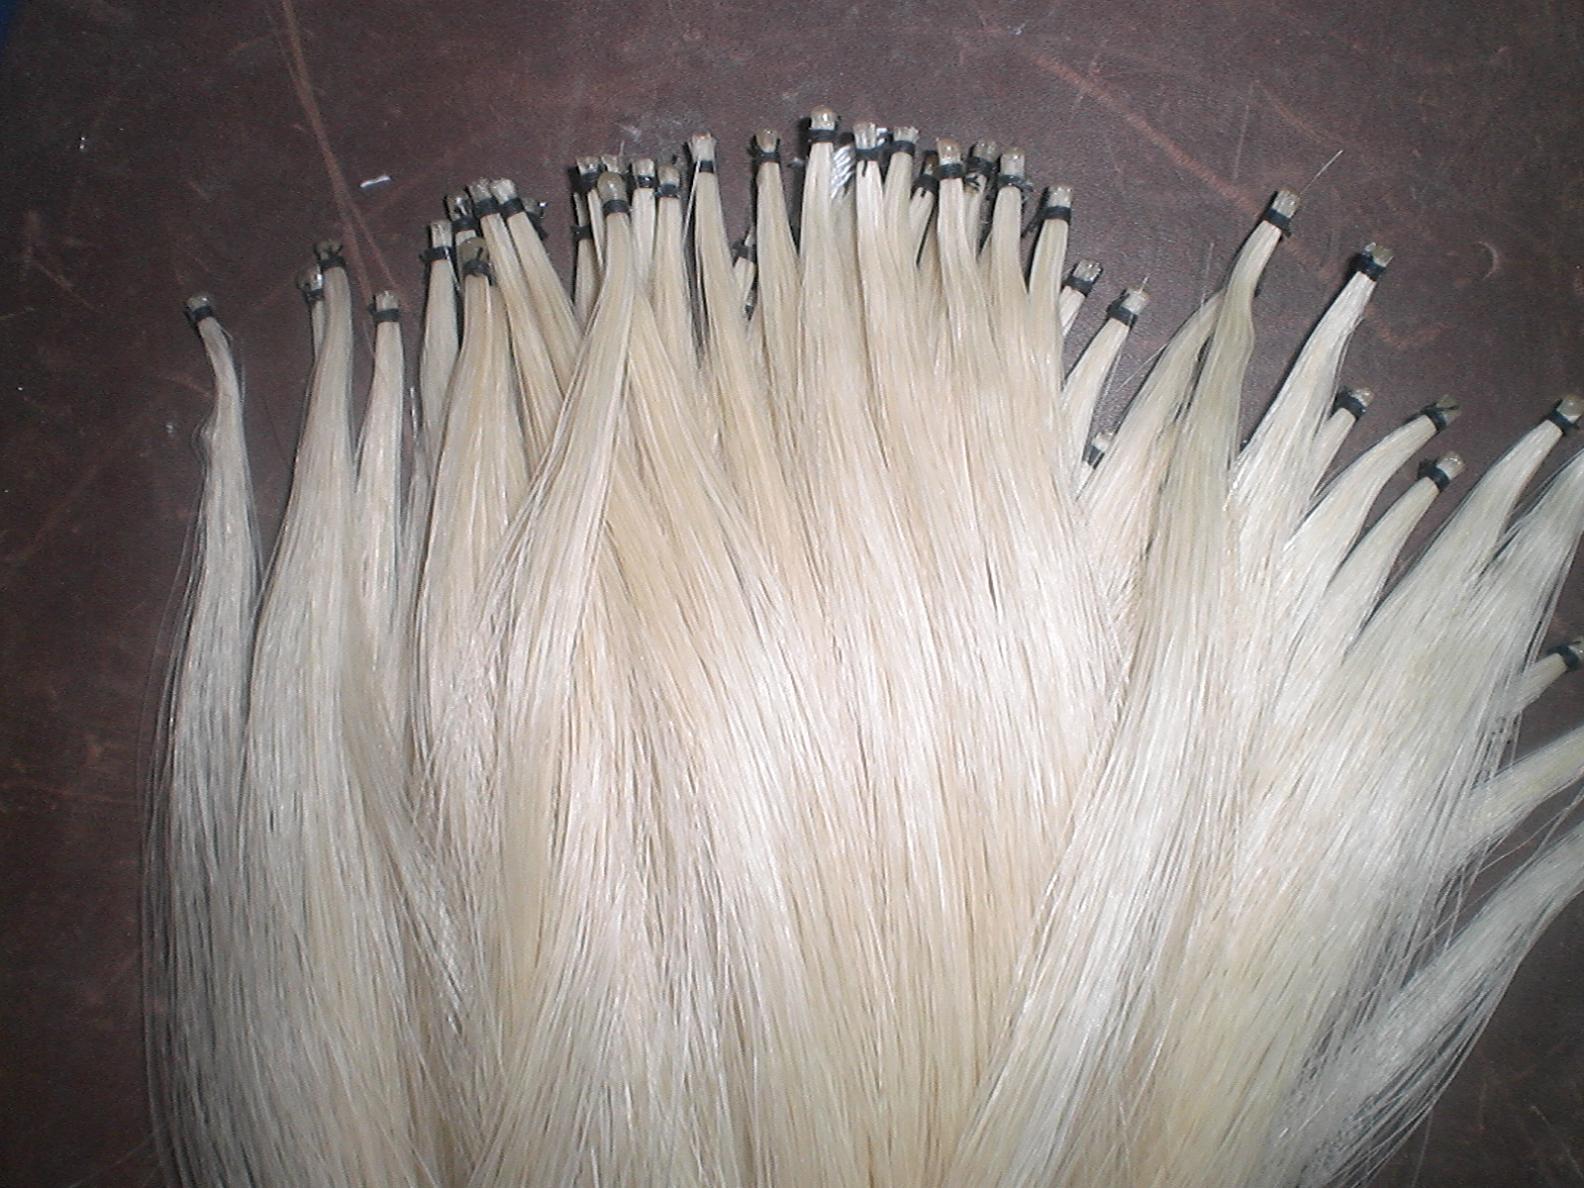 10 мотки качества скрипки лук волос в 81 см и 6 грамм / Хэнк конский волос